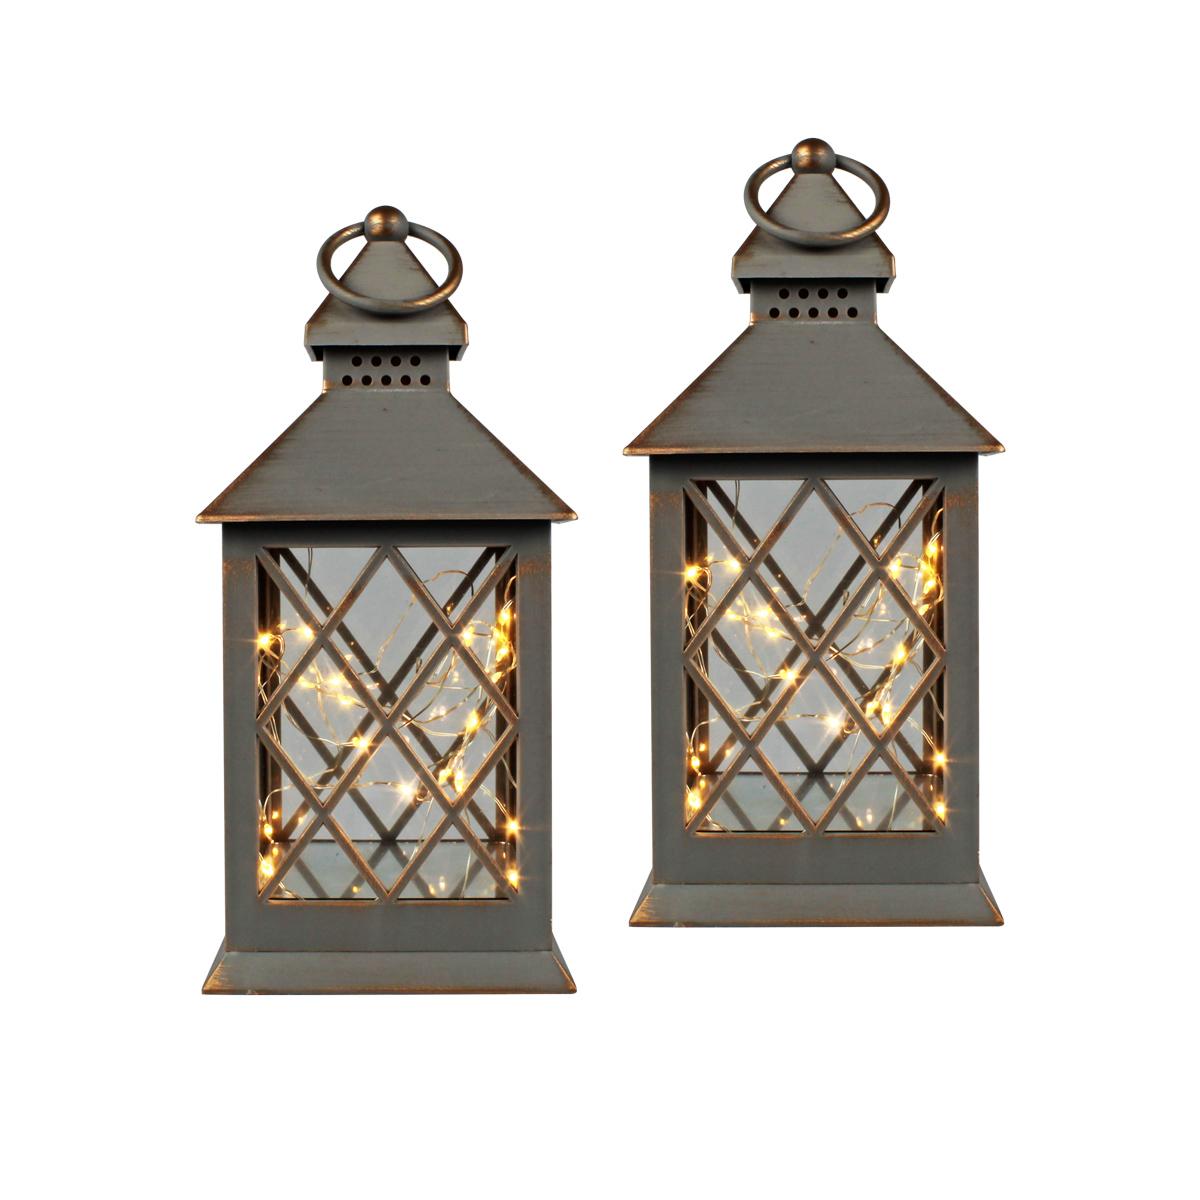 Conj. C/ 2 Lanternas Marroquinas Decorativas LED Cinzas 27cm Verito